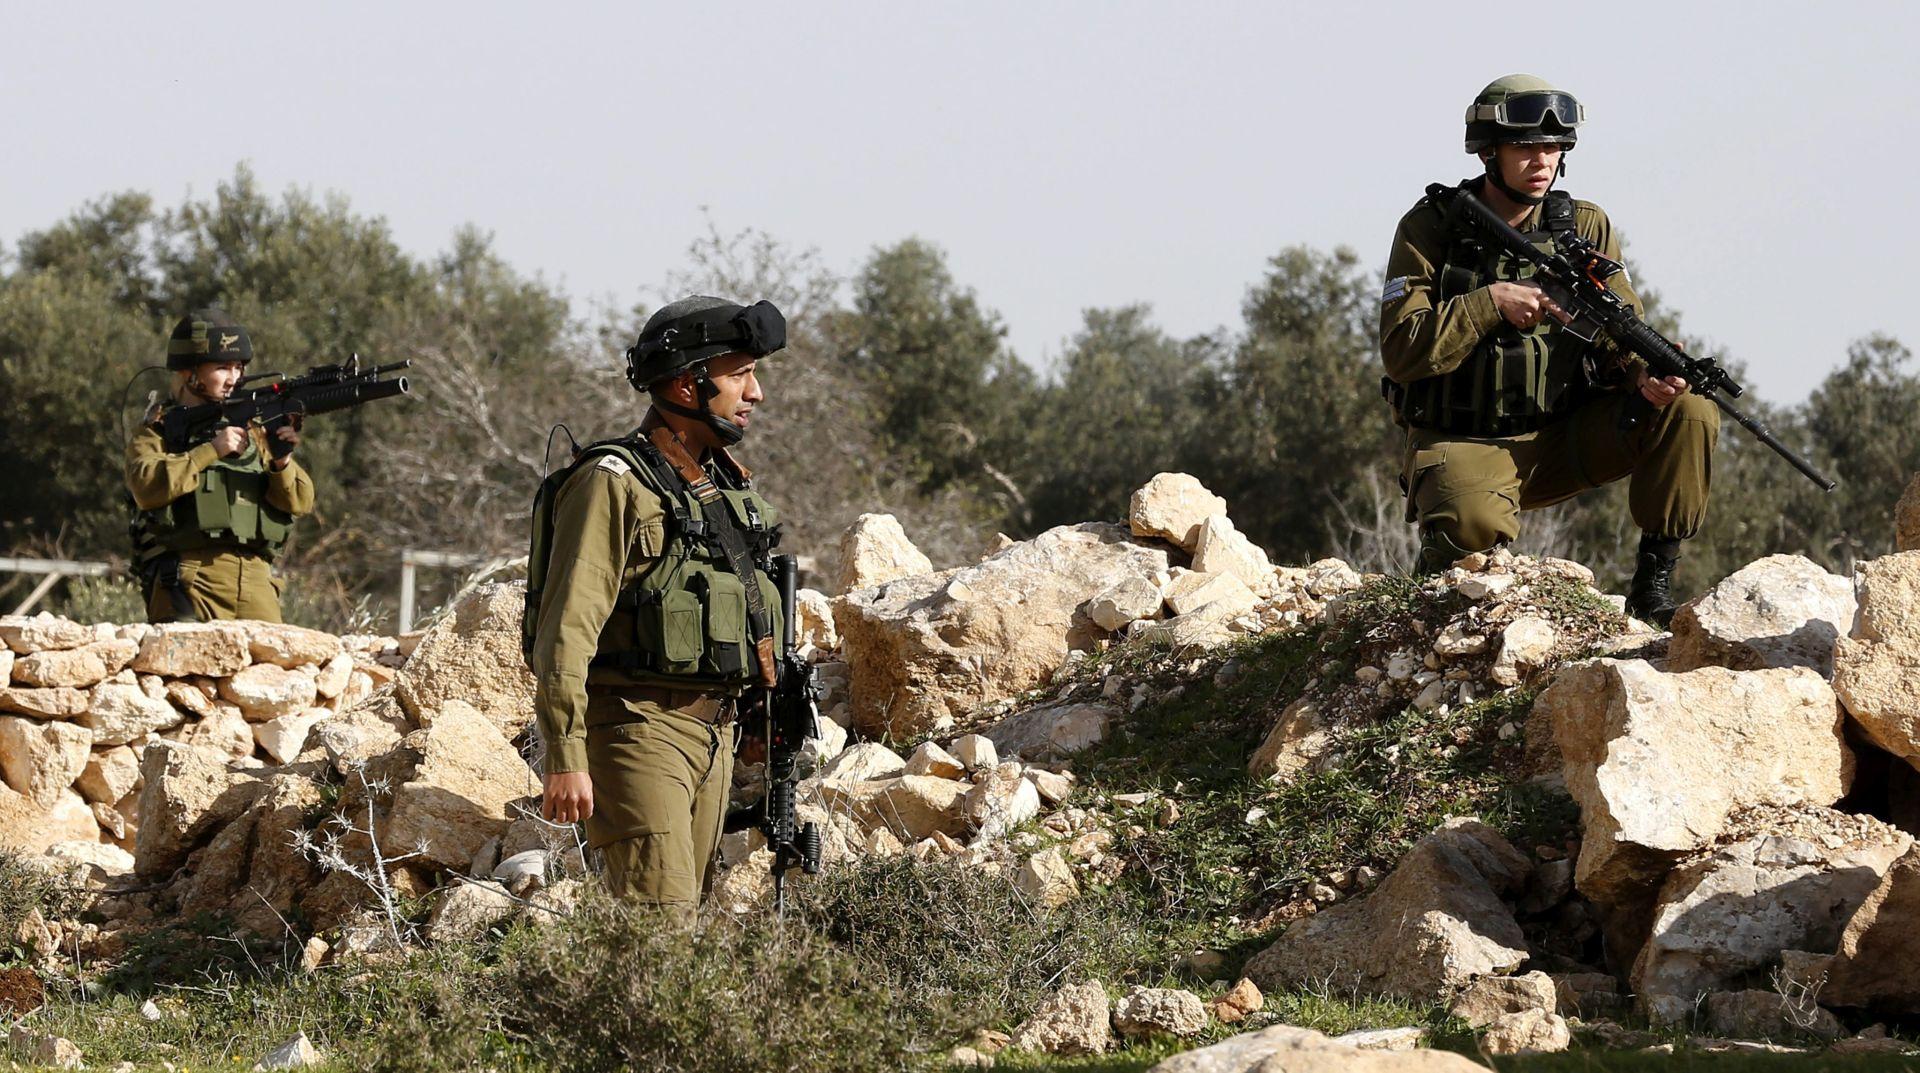 Četvorica izraelskih vojnika ranjena u eksploziji na granici s Gazom